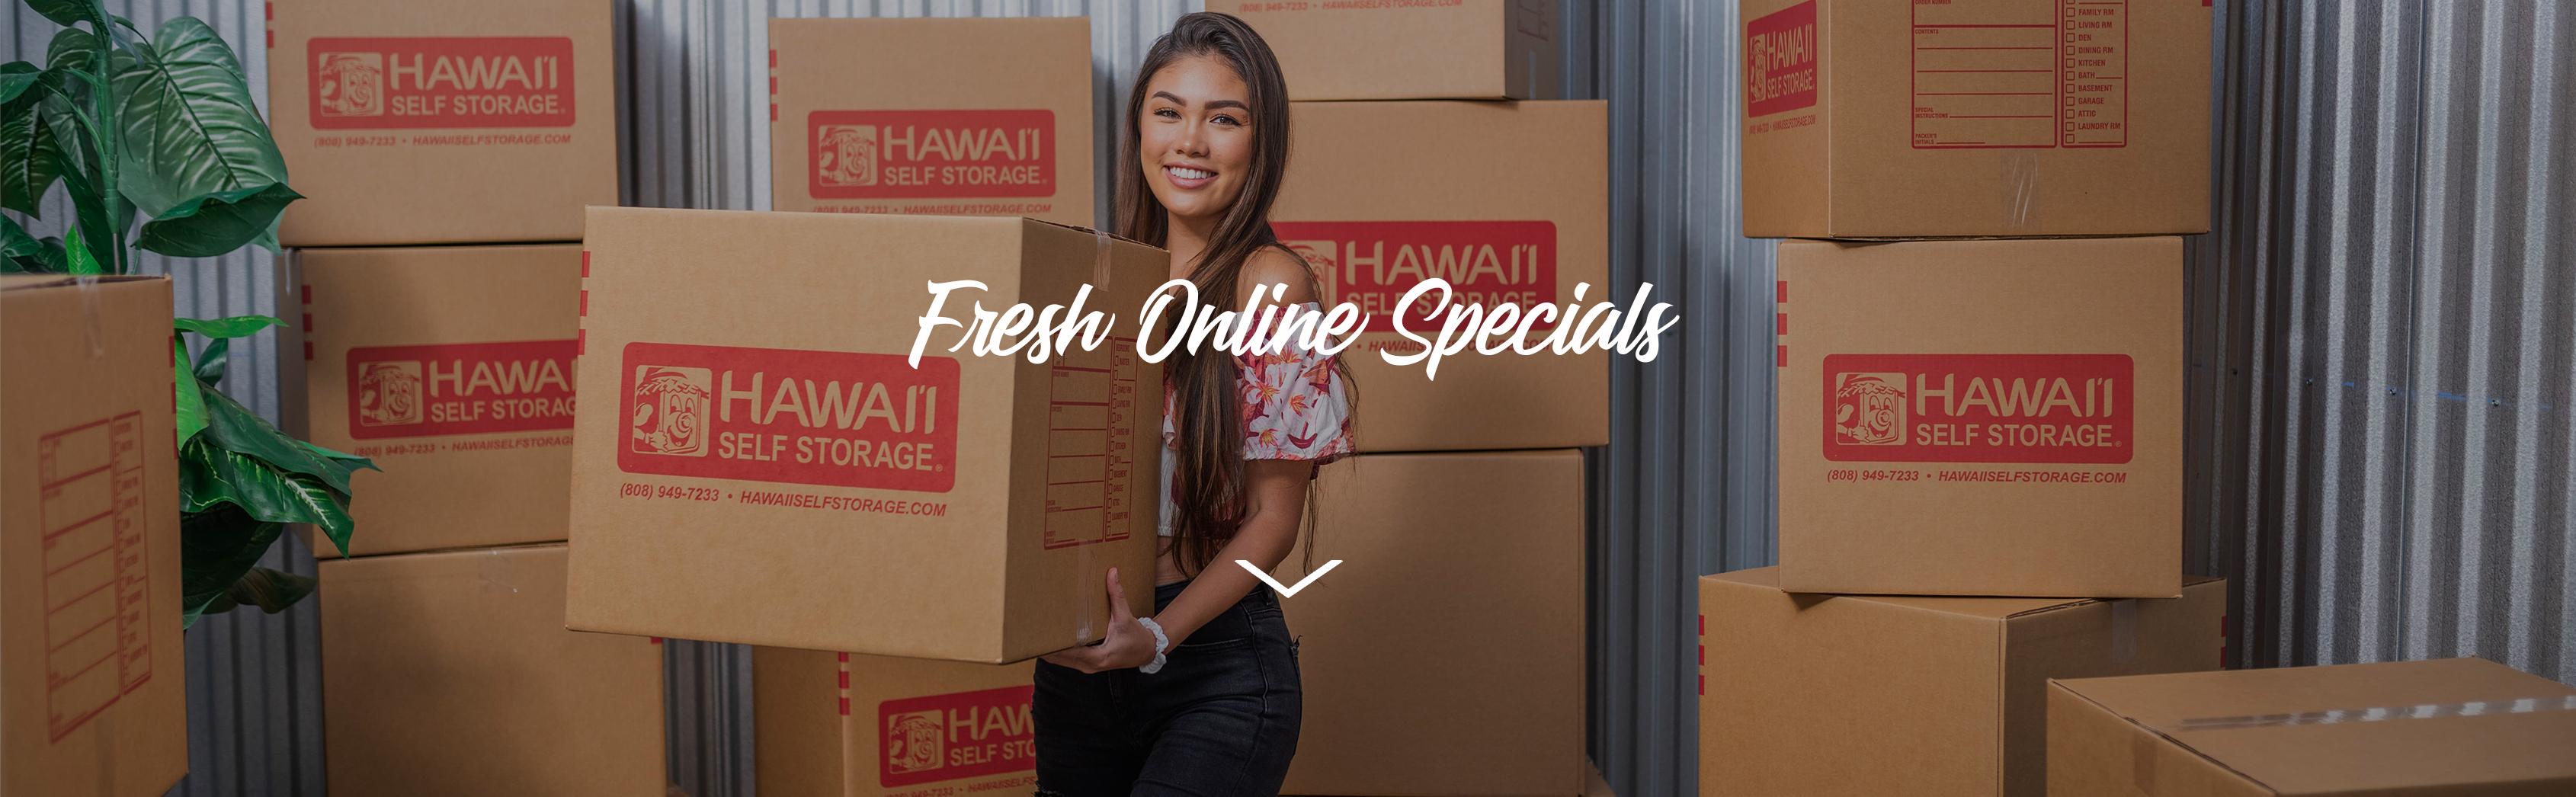 Fresh Online Specials